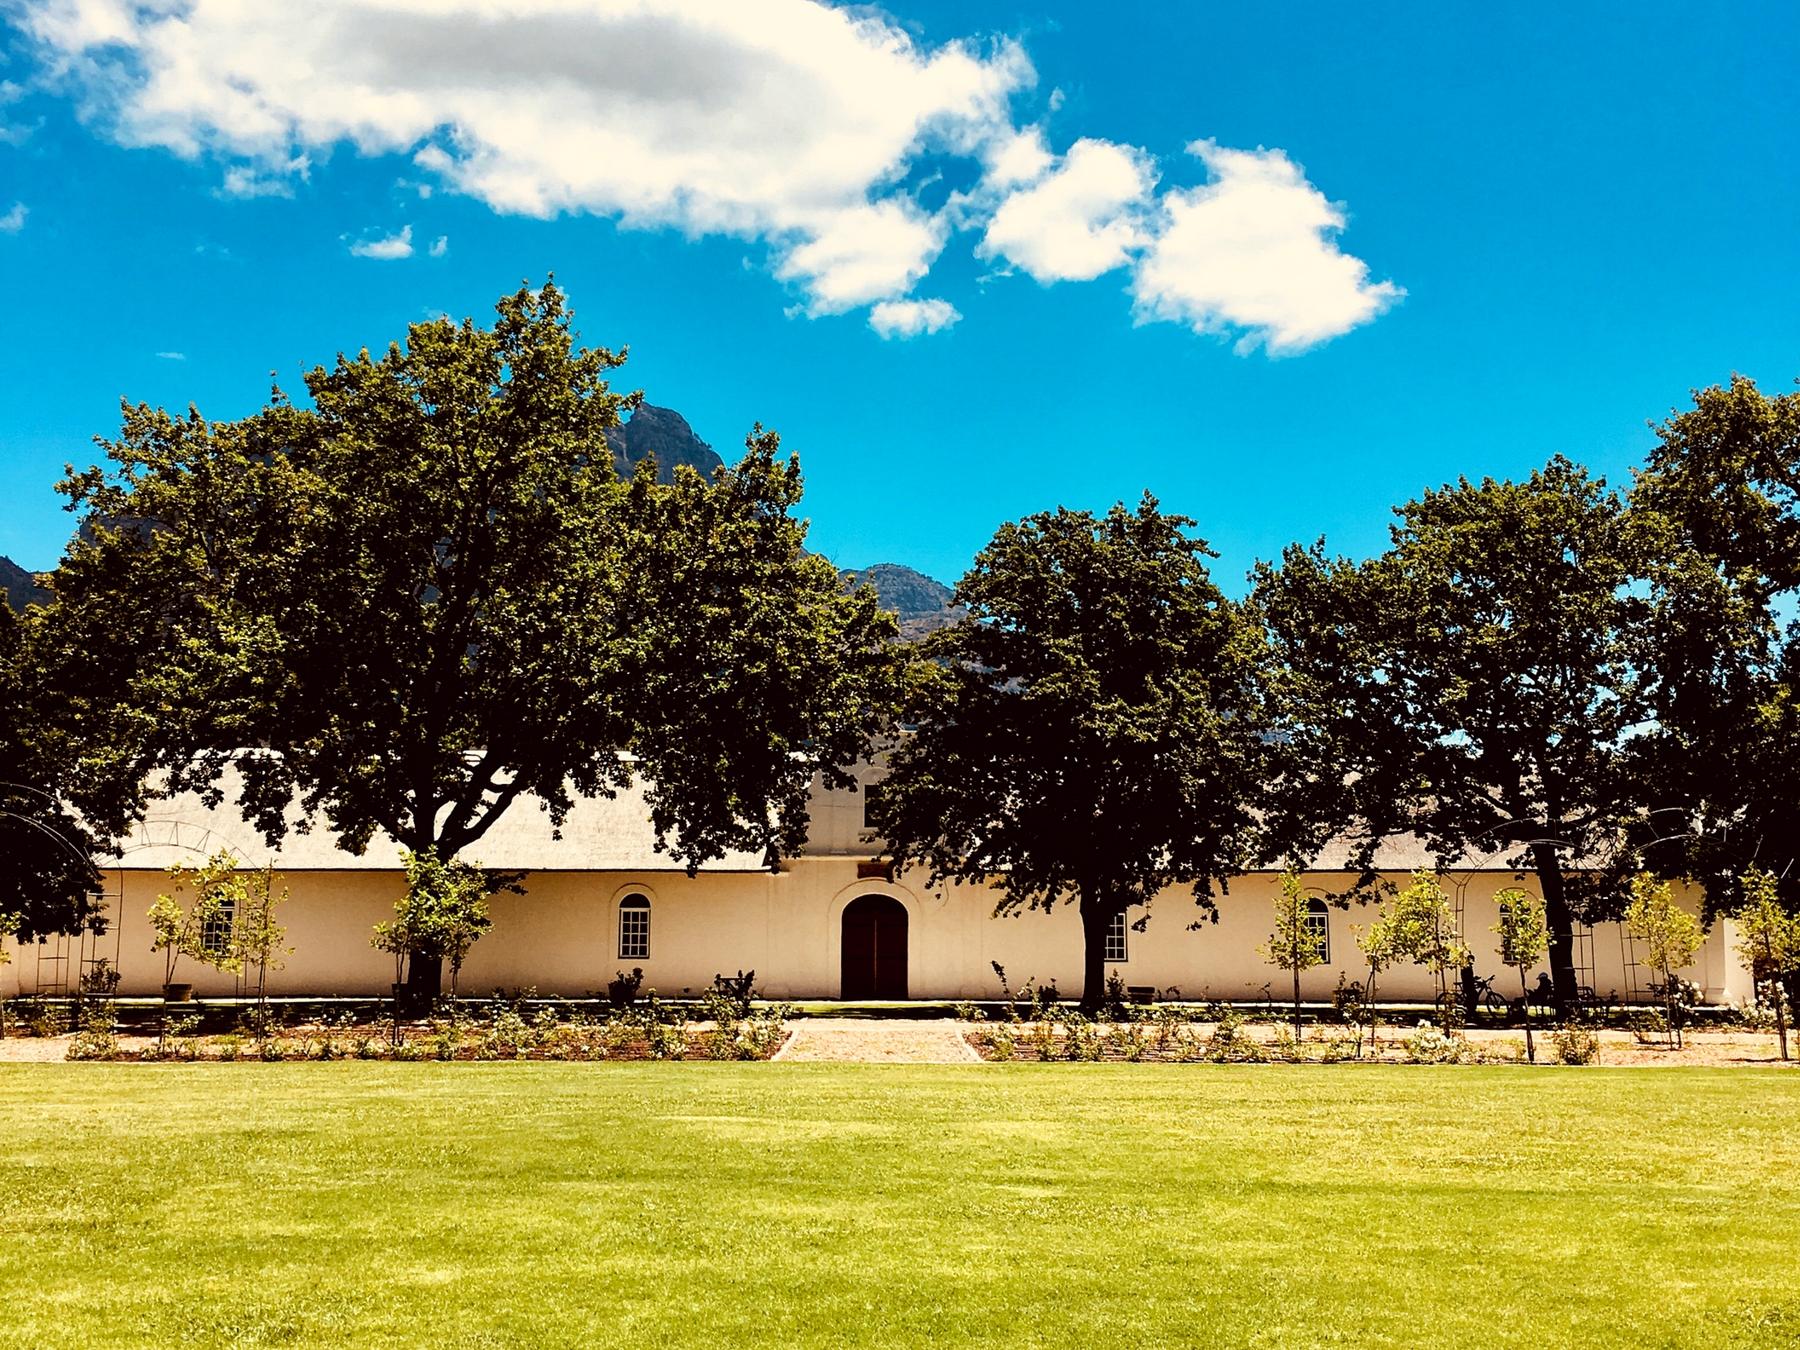 Rota-dos-vinhos-em-Cape-Town-Stellenbosch-e-Franschhoek-boschendal Rota dos vinhos em Cape Town Stellenbosch e Franschhoek